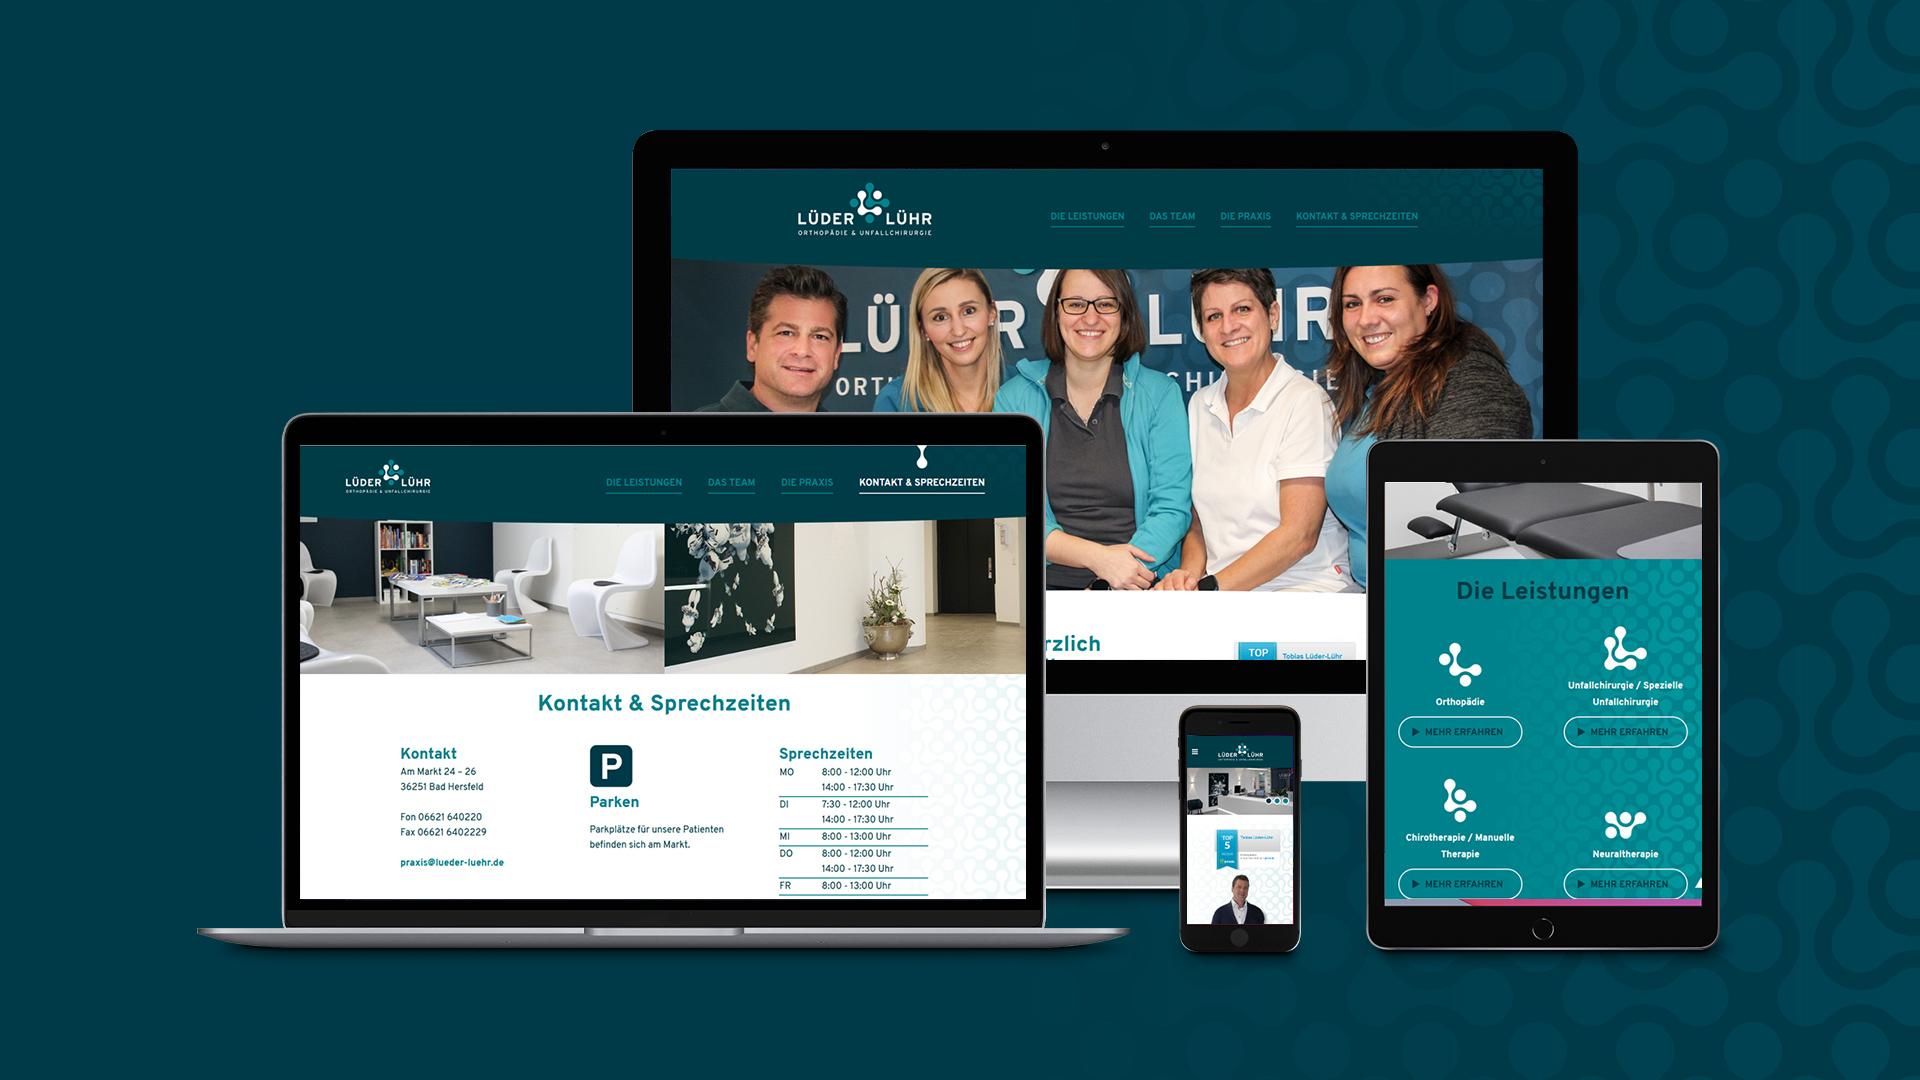 Webdesign – Lüder-Lühr Praxis für Orthopädie & Unfallchirurgie